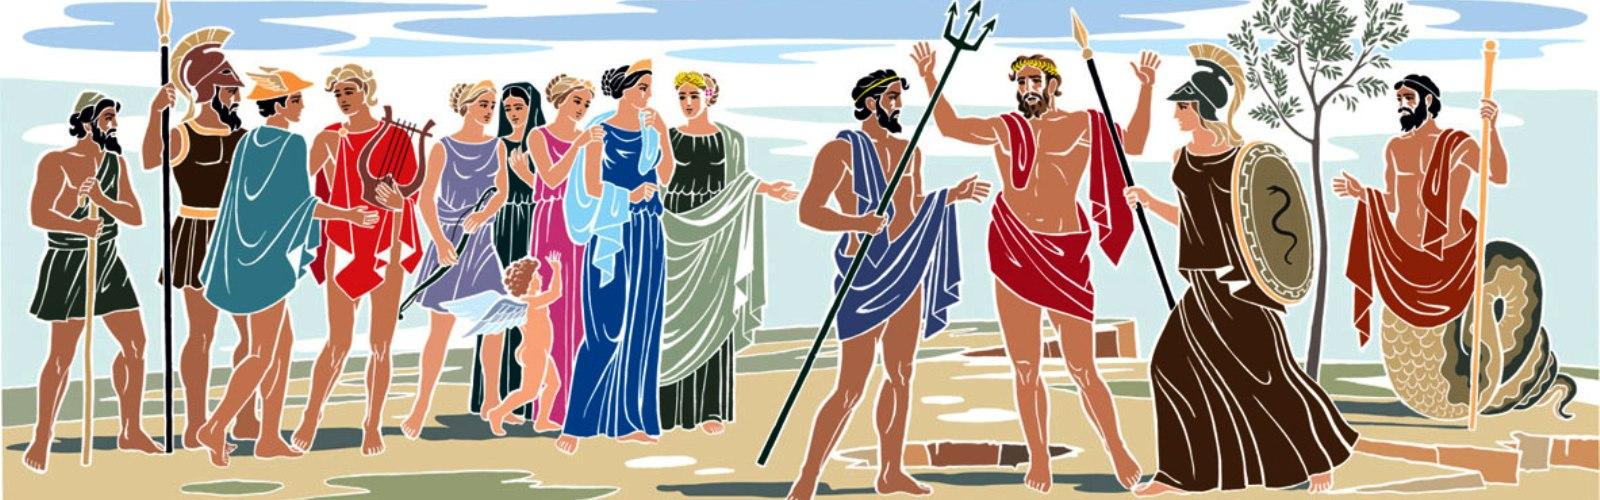 poseidon-and-athena-the-myth-of-the-olive-tree-min